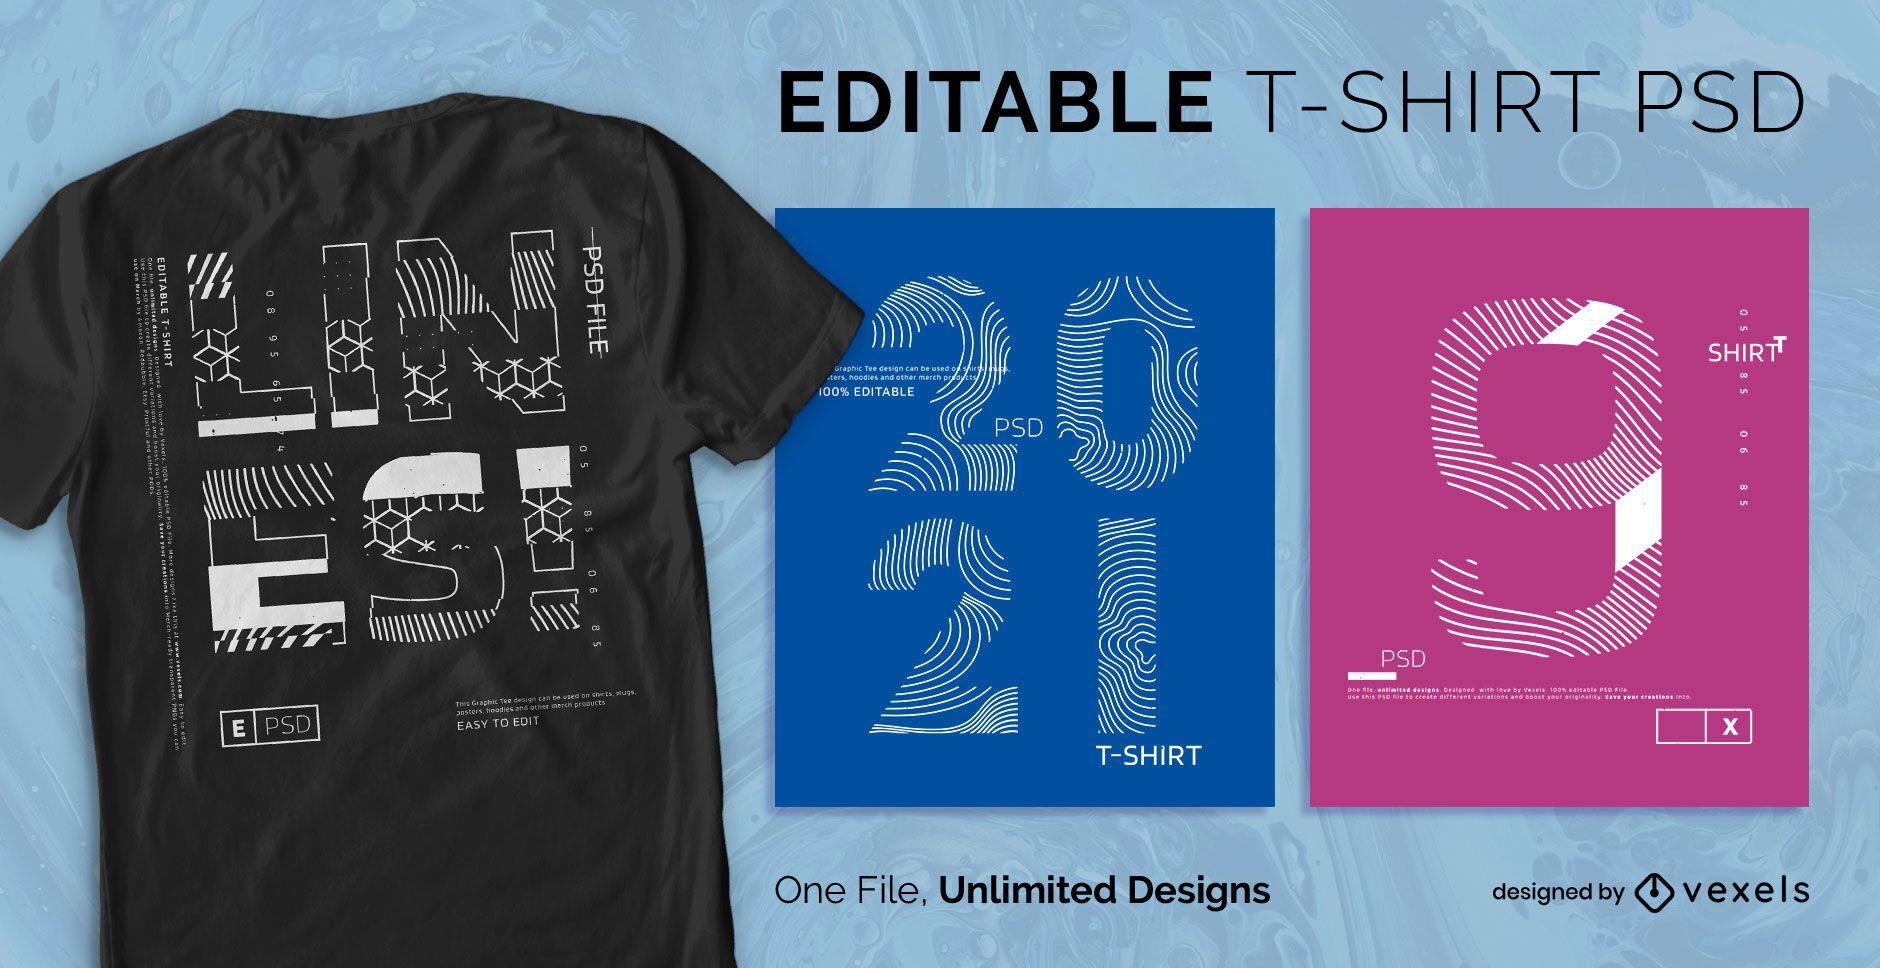 Strichzeichnungen zitiert skalierbares T-Shirt PSD